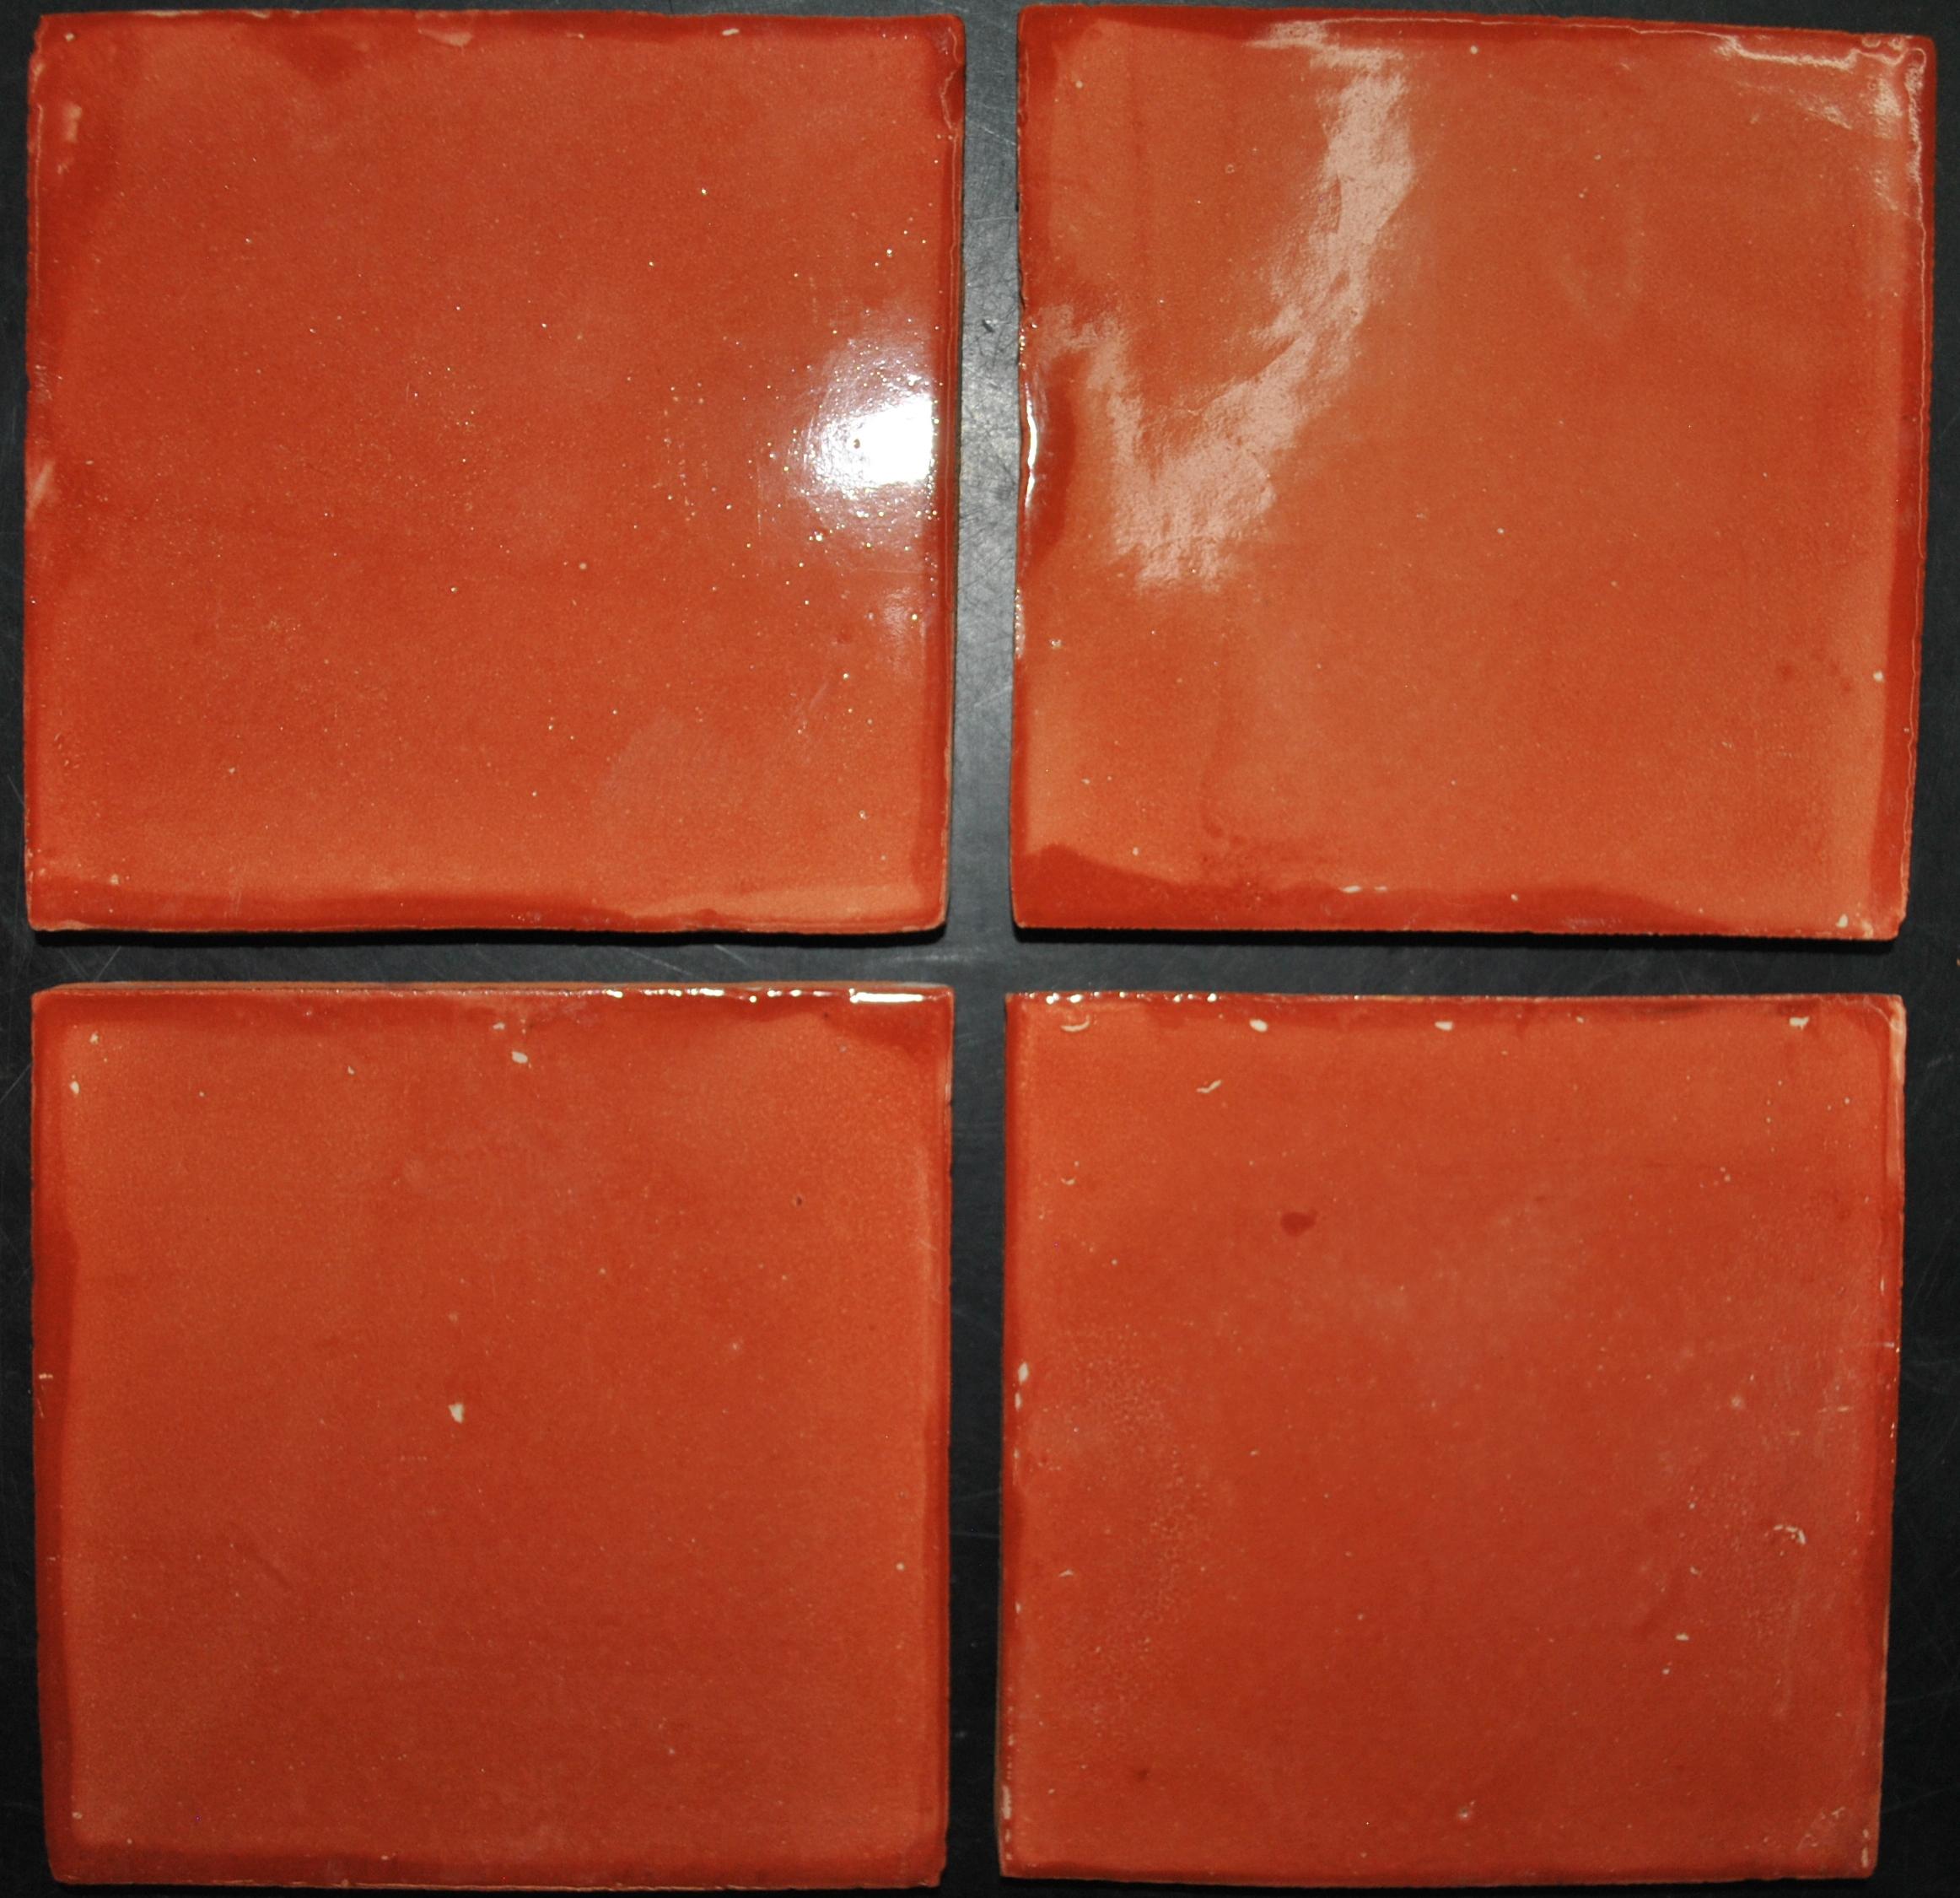 Azulejo Talavera Lliso en color Mandarina en 10.5 x 10.5 cm, ideal para baños y cocinas mexicanas lo encuentras en Rústicos Artesanales visítanos en nuestra web www.rusticosartesanales.com